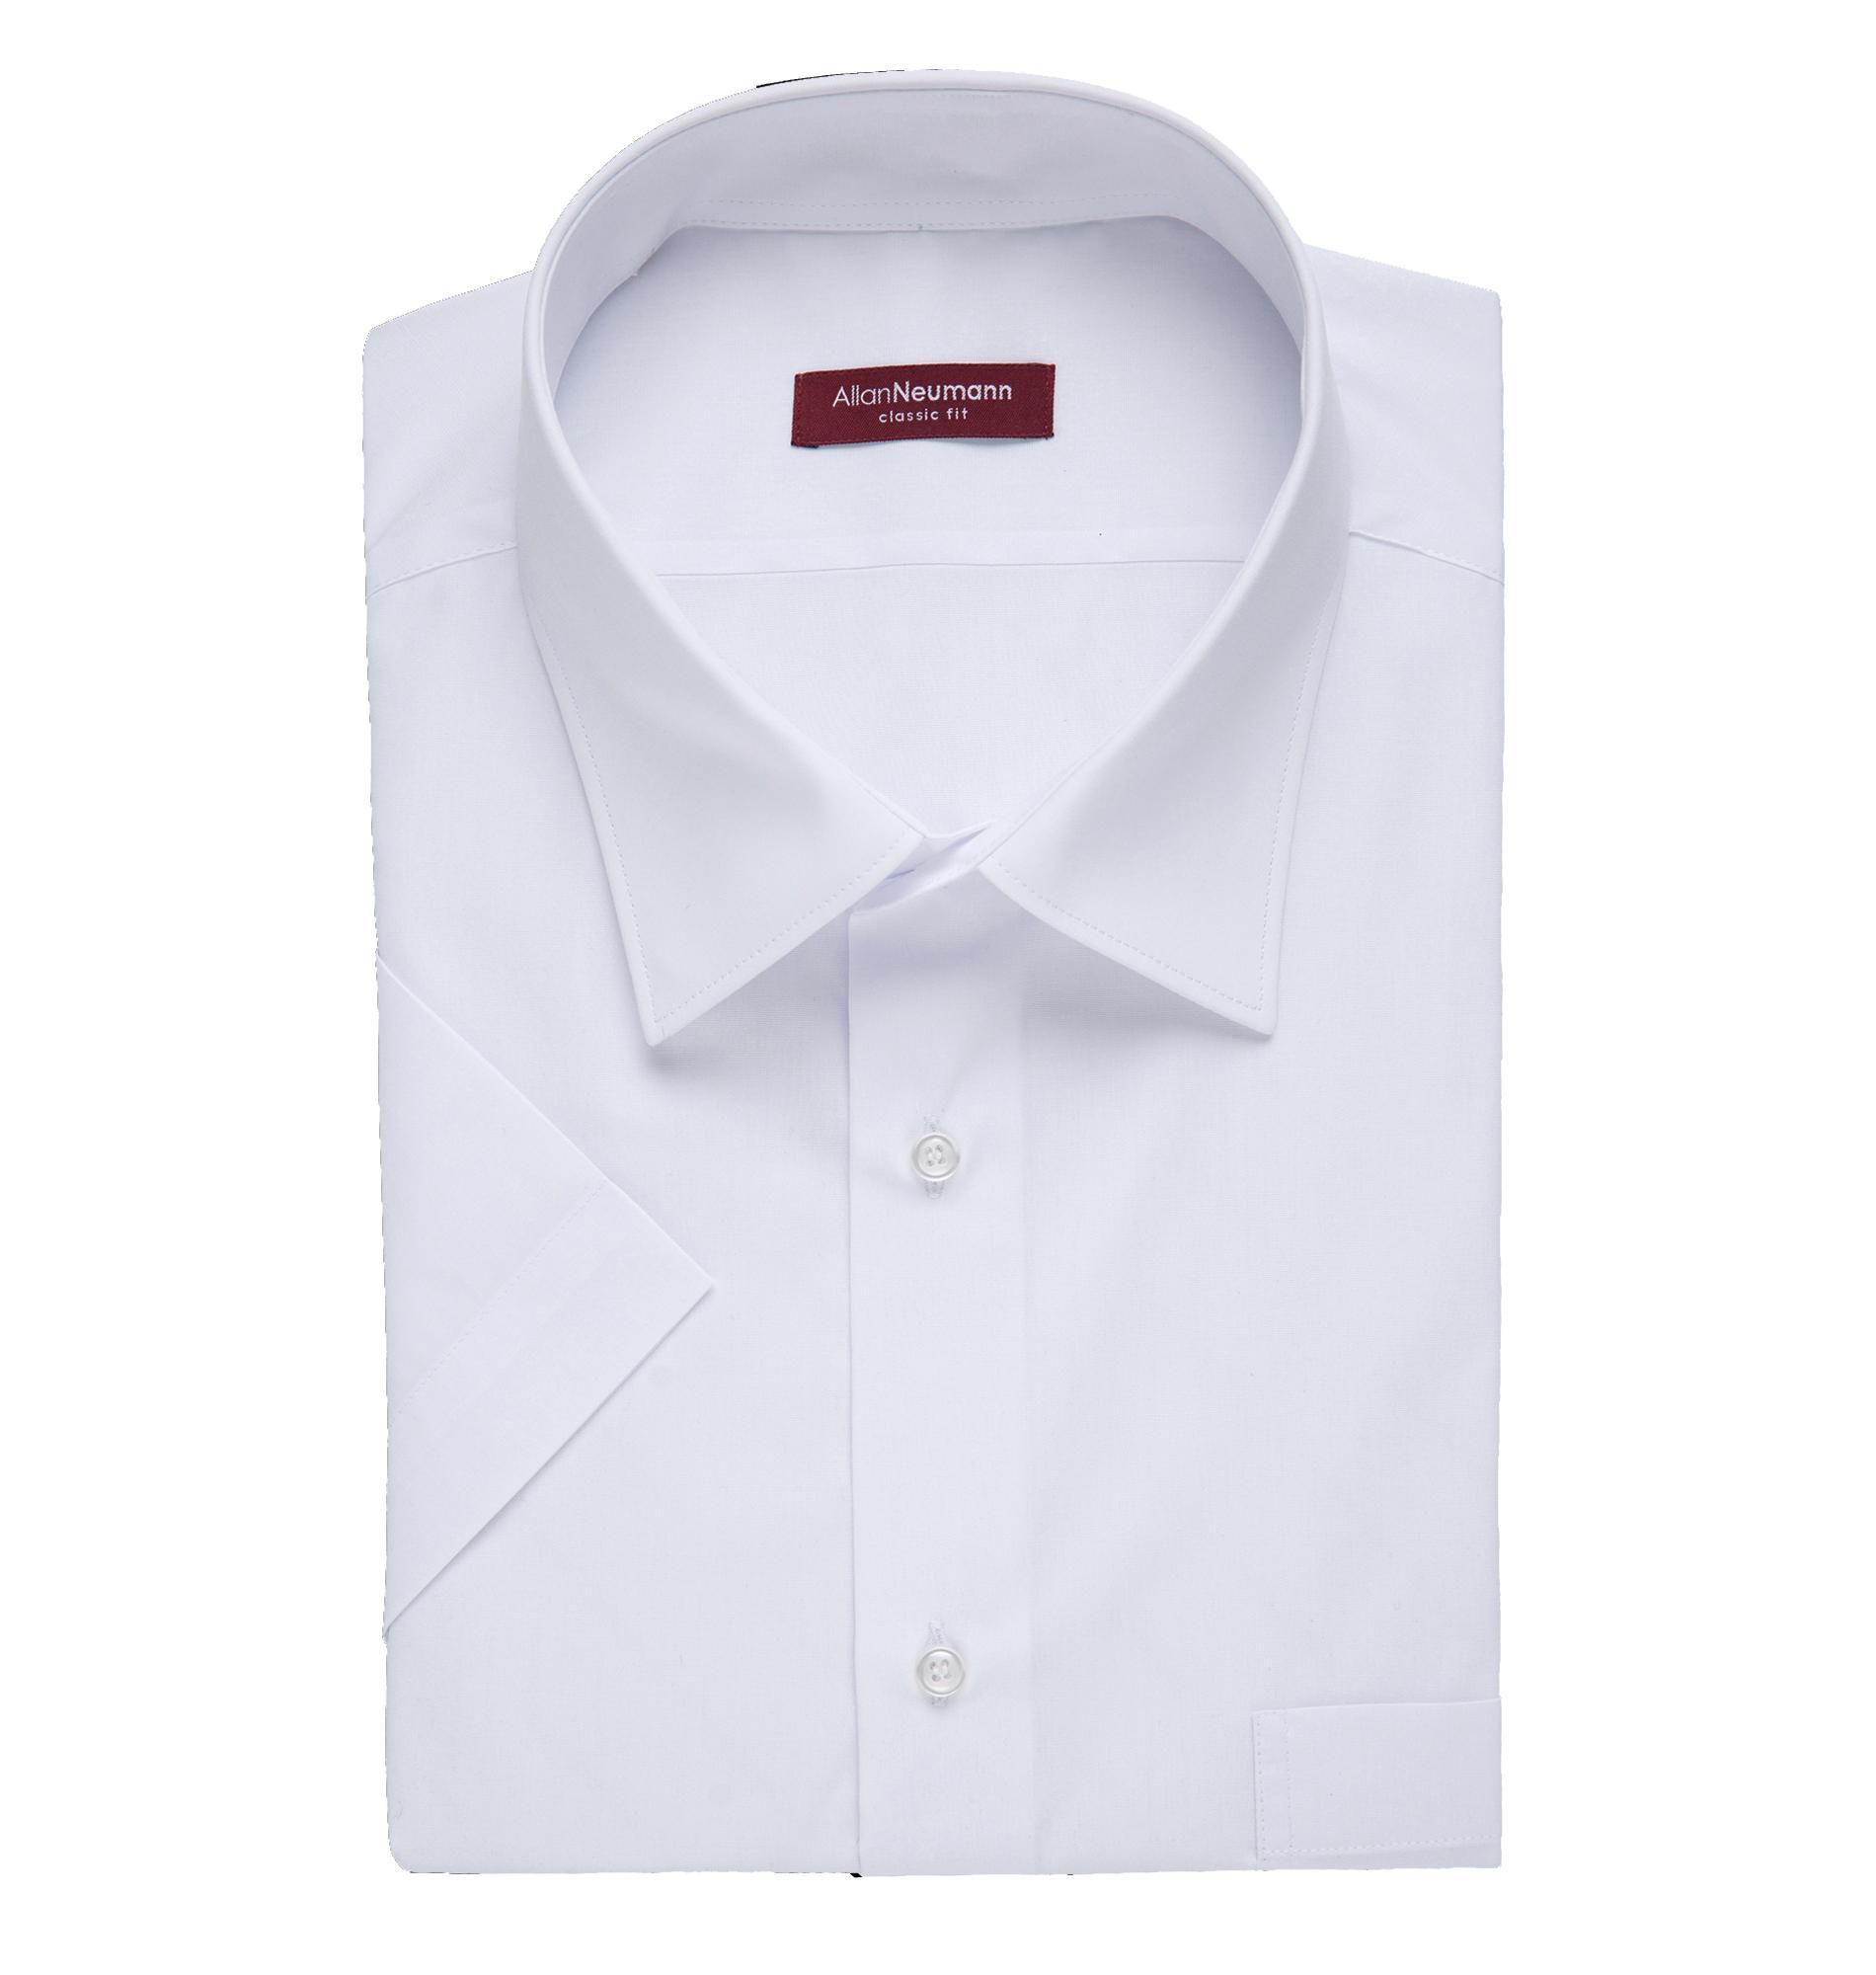 Рубашка Allan Neumann цена